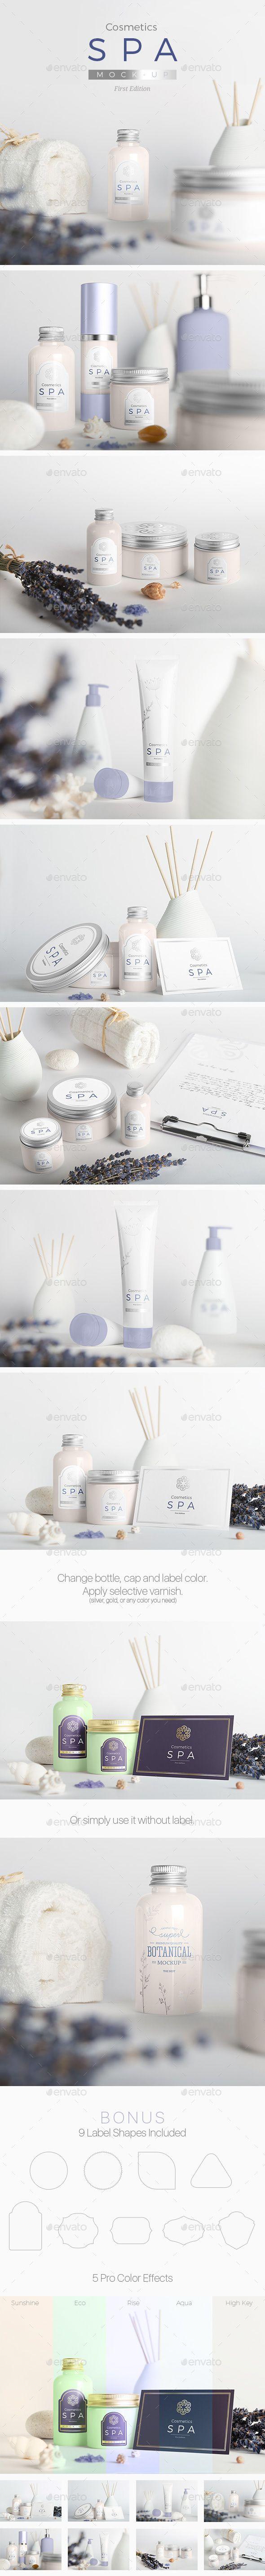 SPA Cosmetics Mock-Up V.1